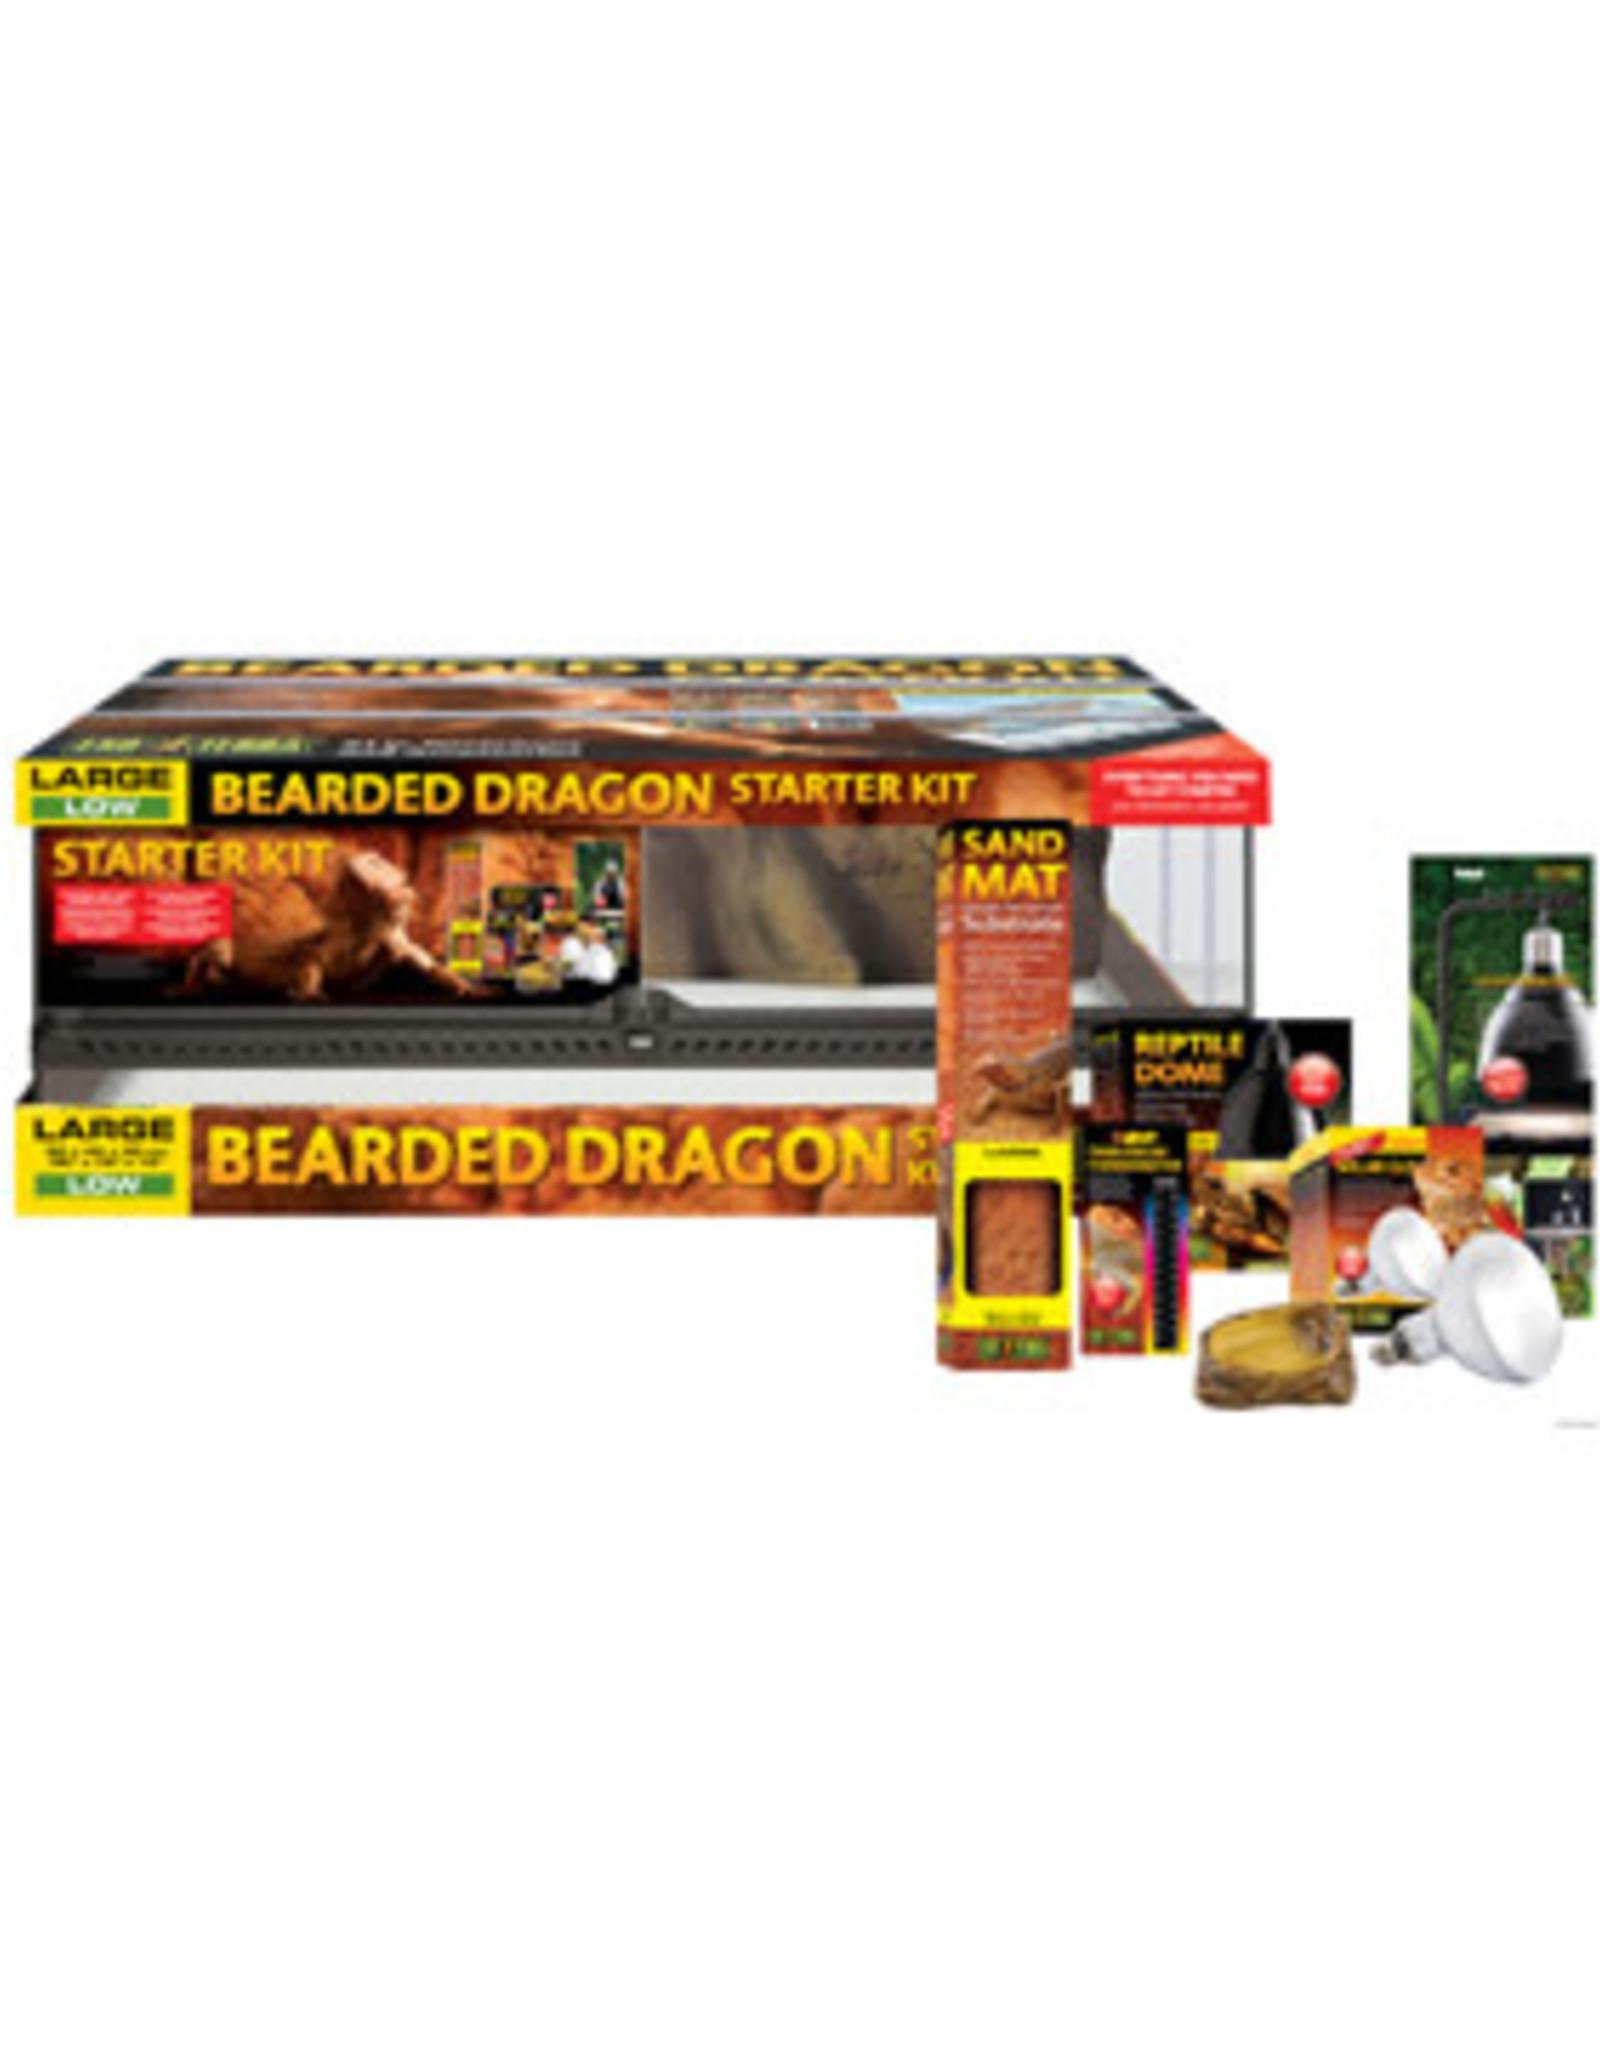 EXO-TERRA Exo Terra Bearded Dragon Starter Kit